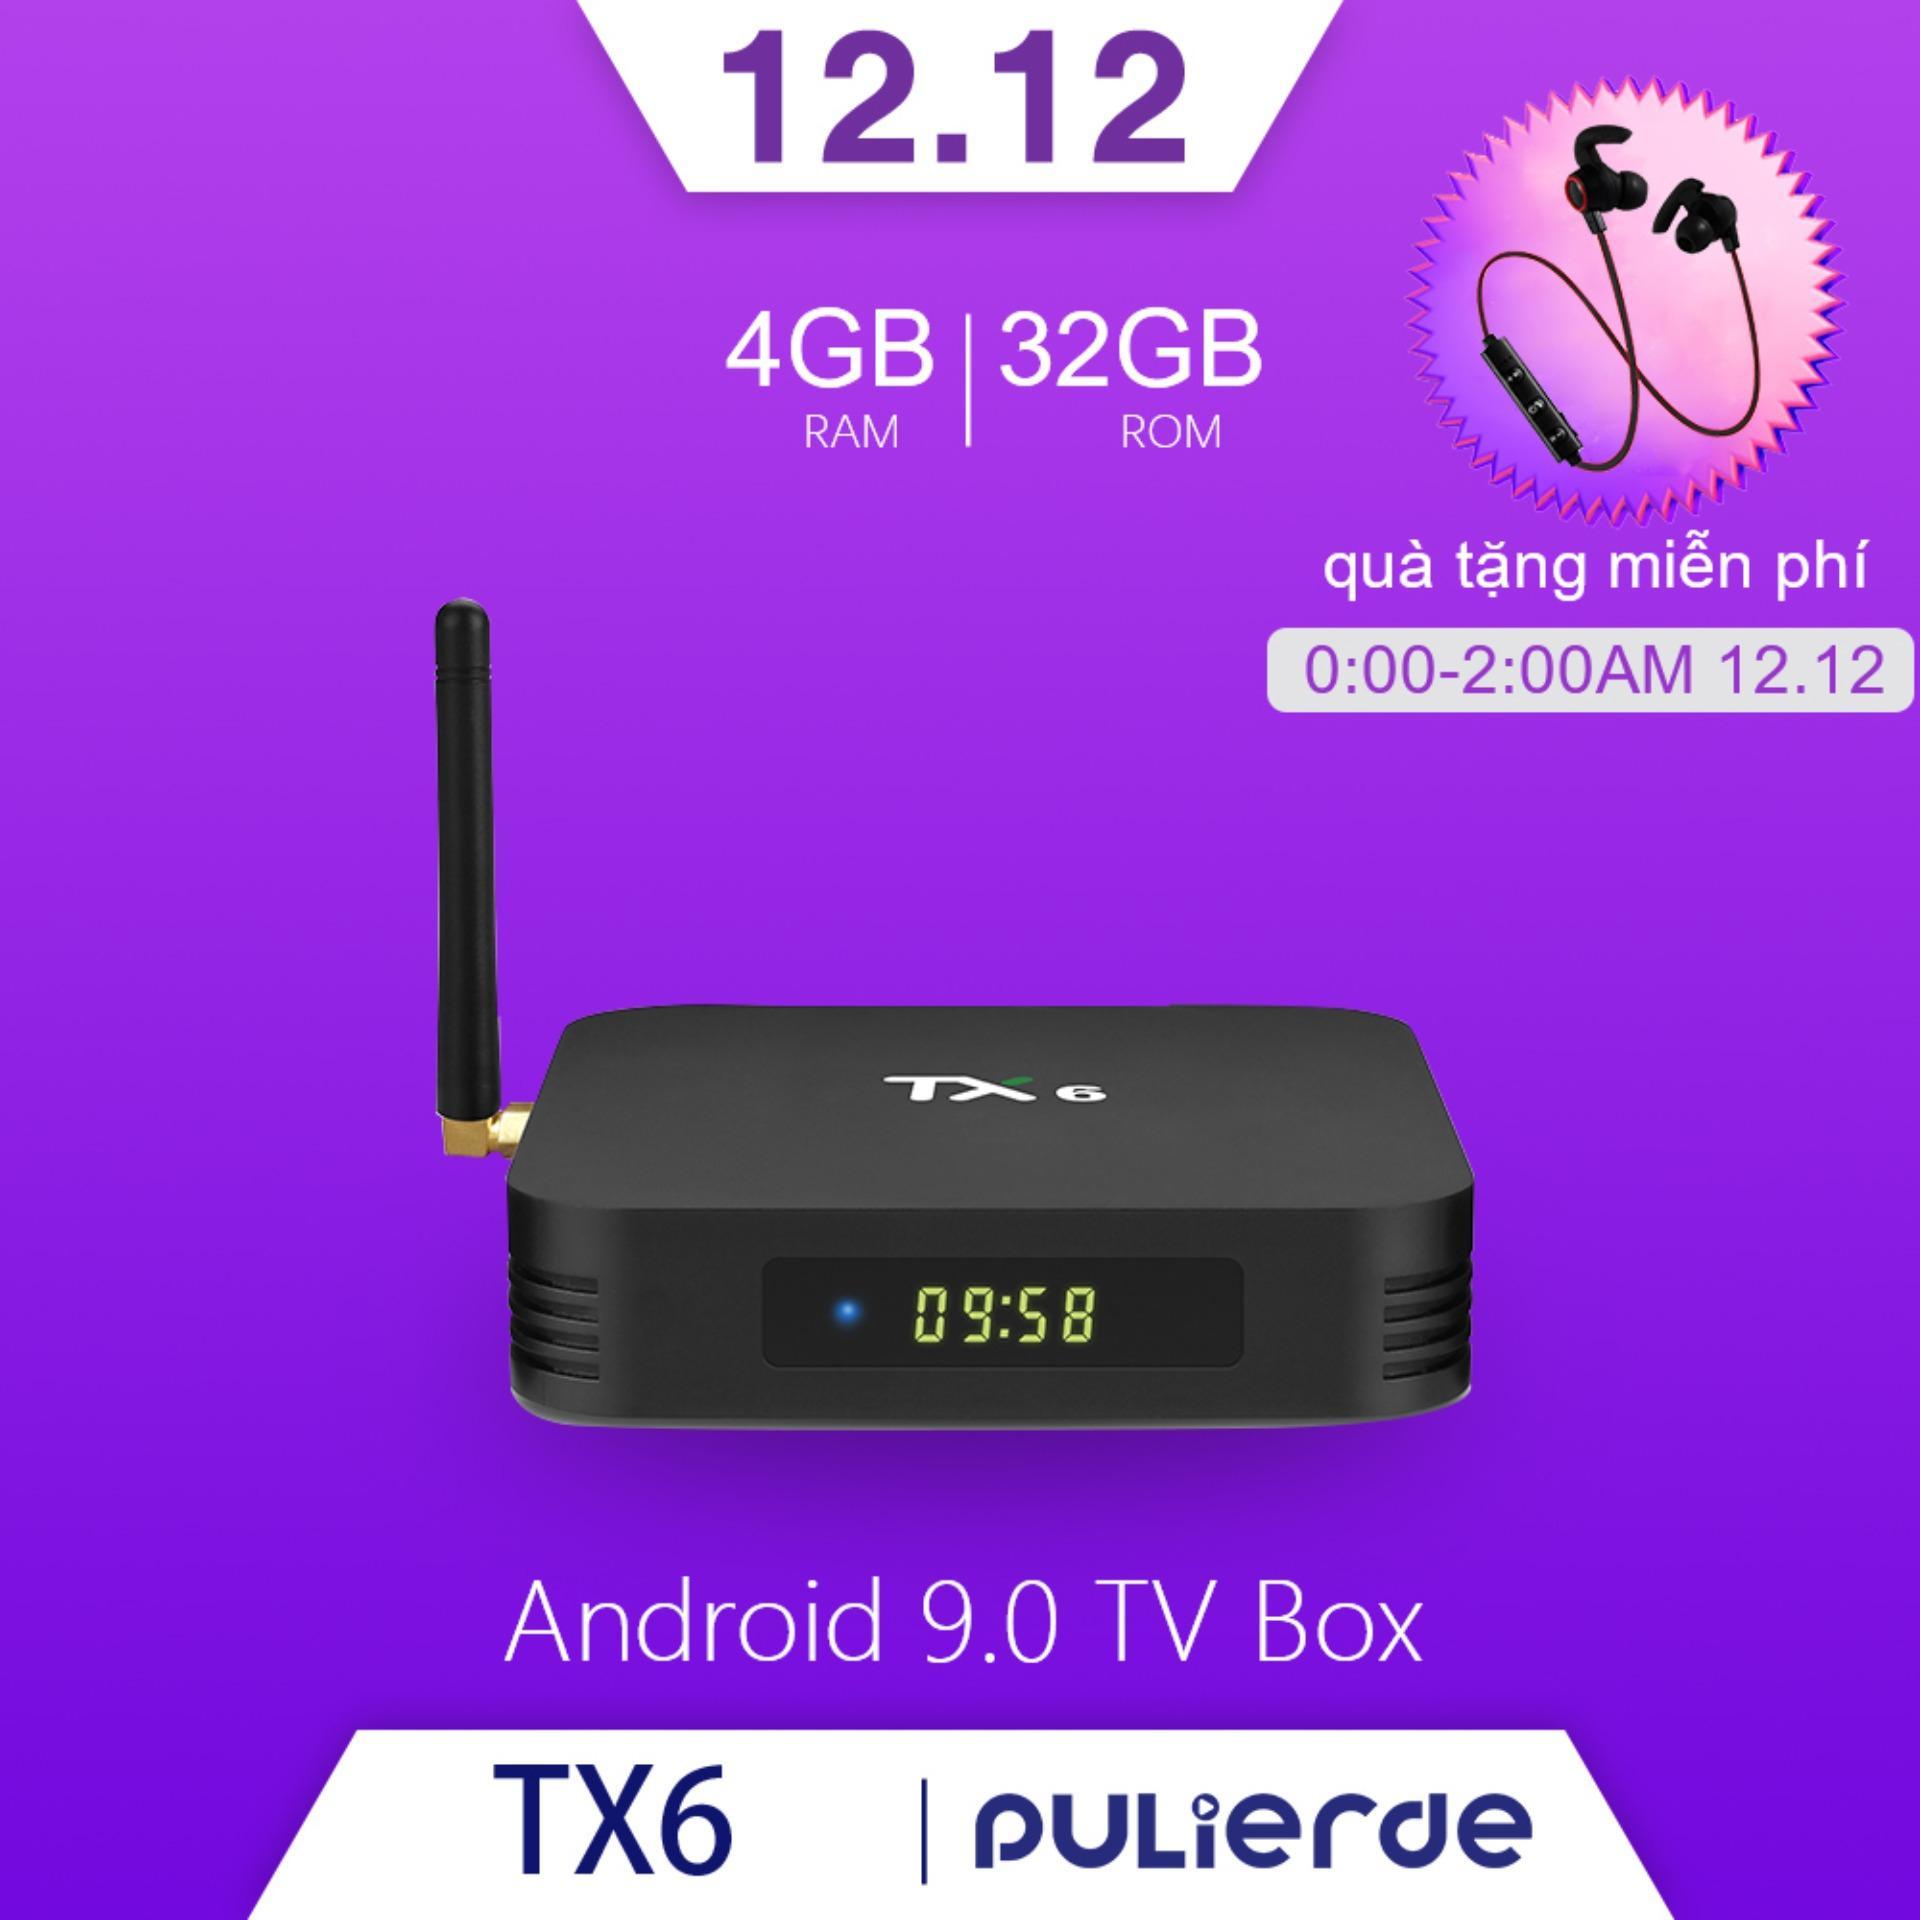 Mã Coupon TX6 Tivi Box Android 9.0 4GB RAM 32GB ROM 2.4G Wifi Hỗ Trợ 6K Smart TV Box Trình Phát đa Phương Tiện Allwinner H6 Quad Core